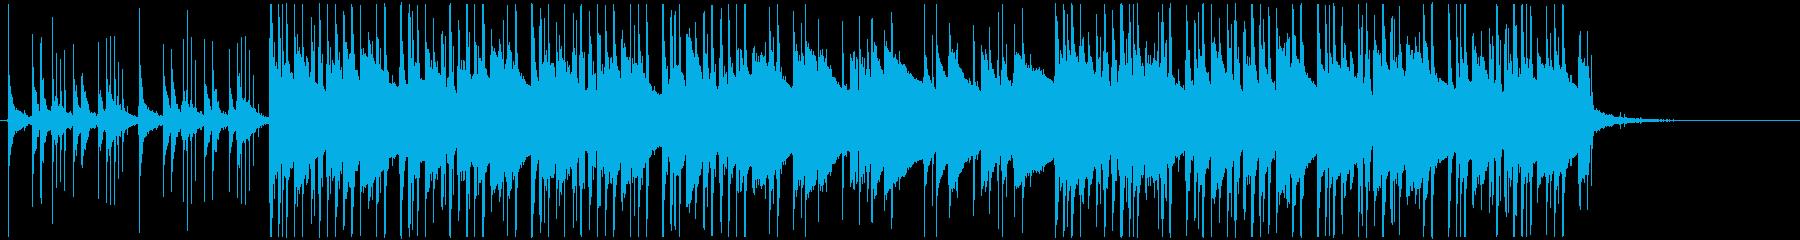 ライブベース、リズミカルループ、ピ...の再生済みの波形